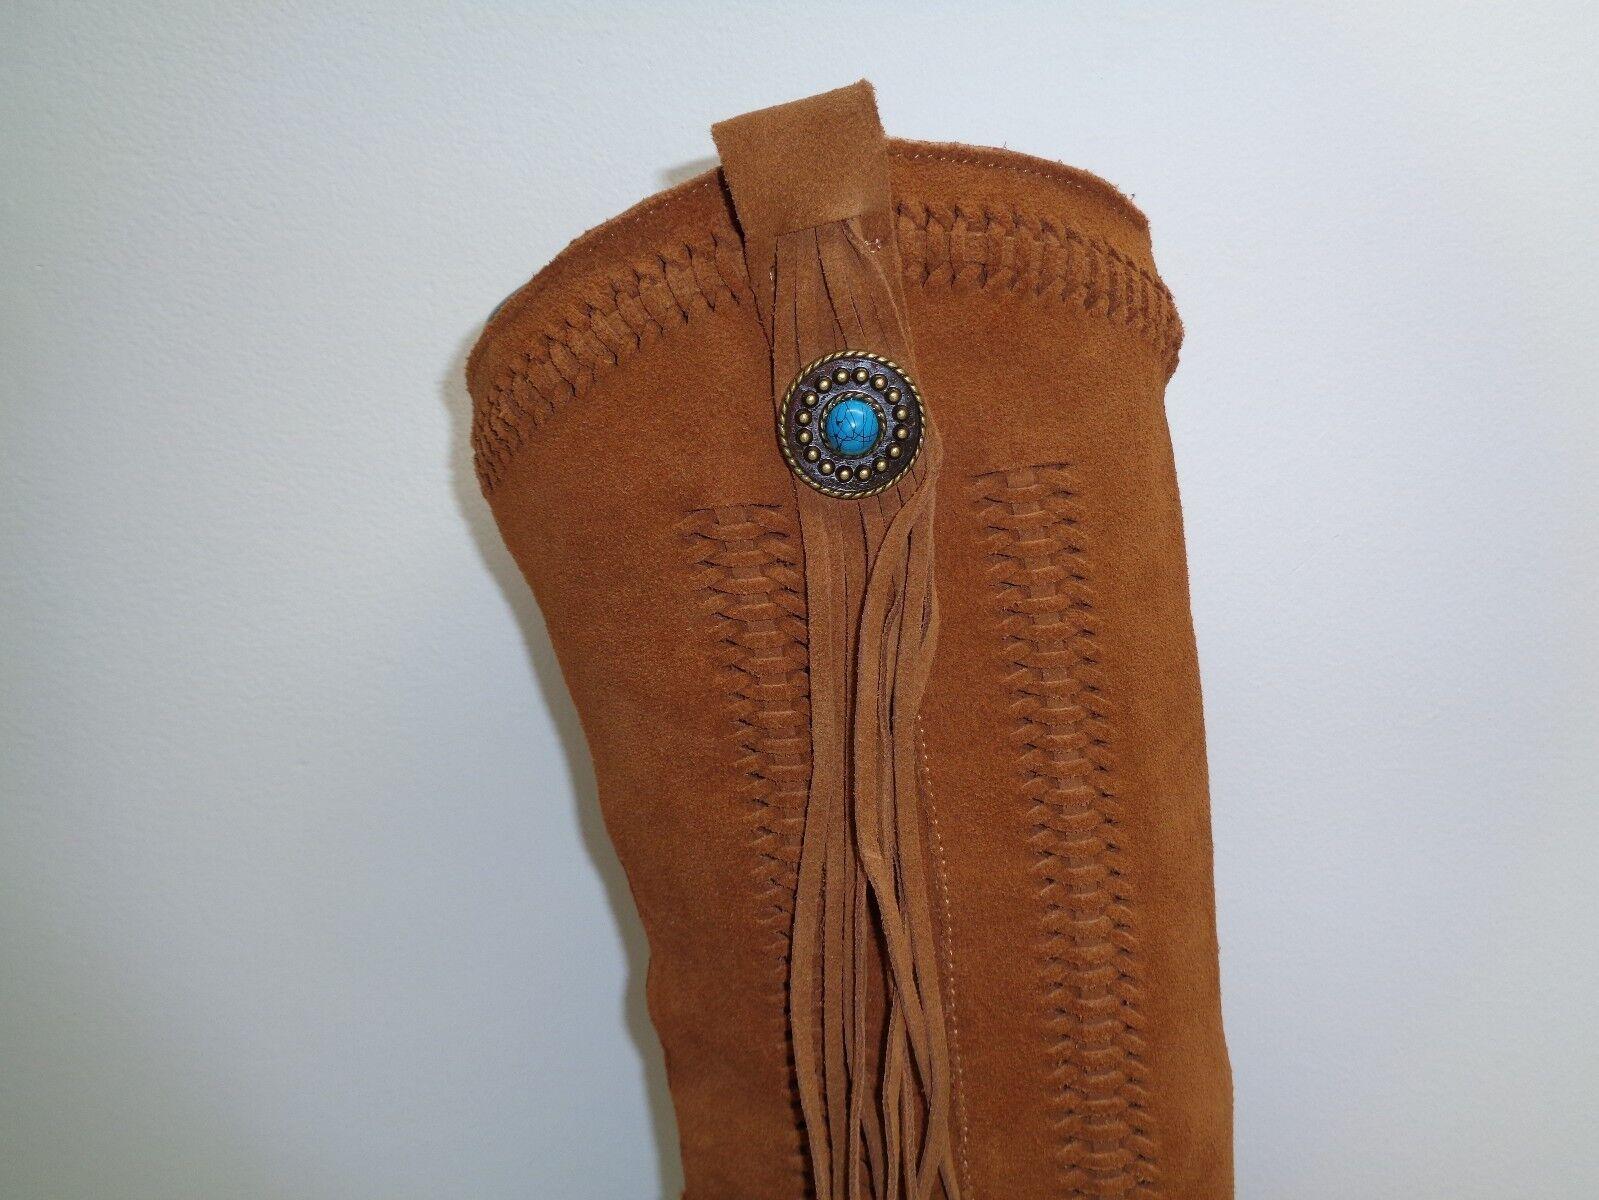 Reba Größe 8 M HADES Tan Suede Fringe New Tassel Western Heel Stiefel New Fringe Damenschuhe Schuhes 035799